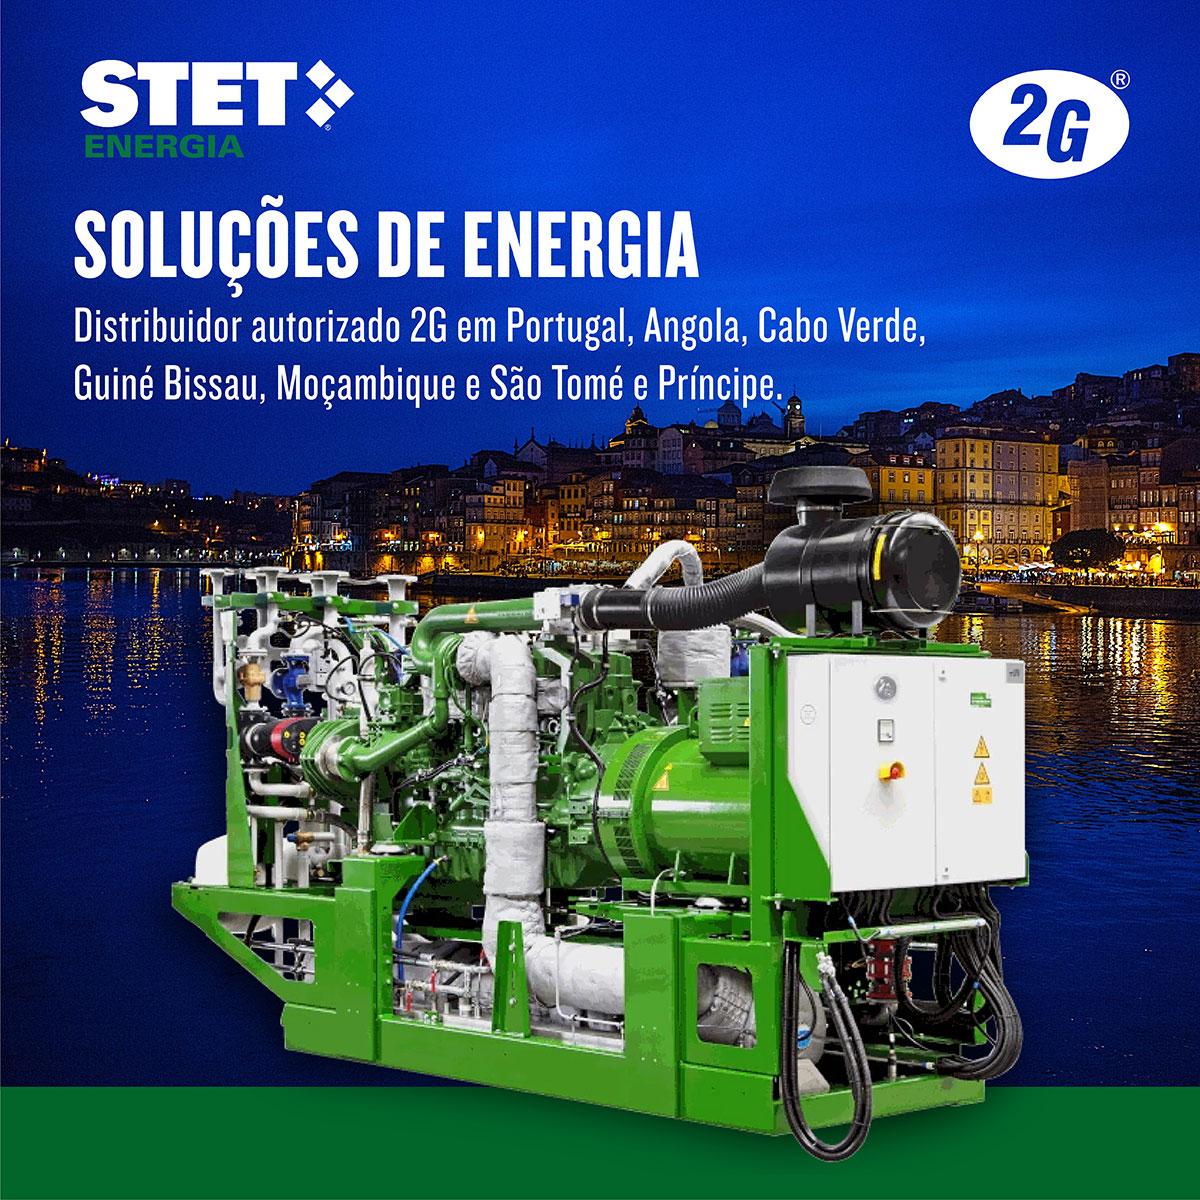 STET dedica página à divulgação de soluções de cogeração